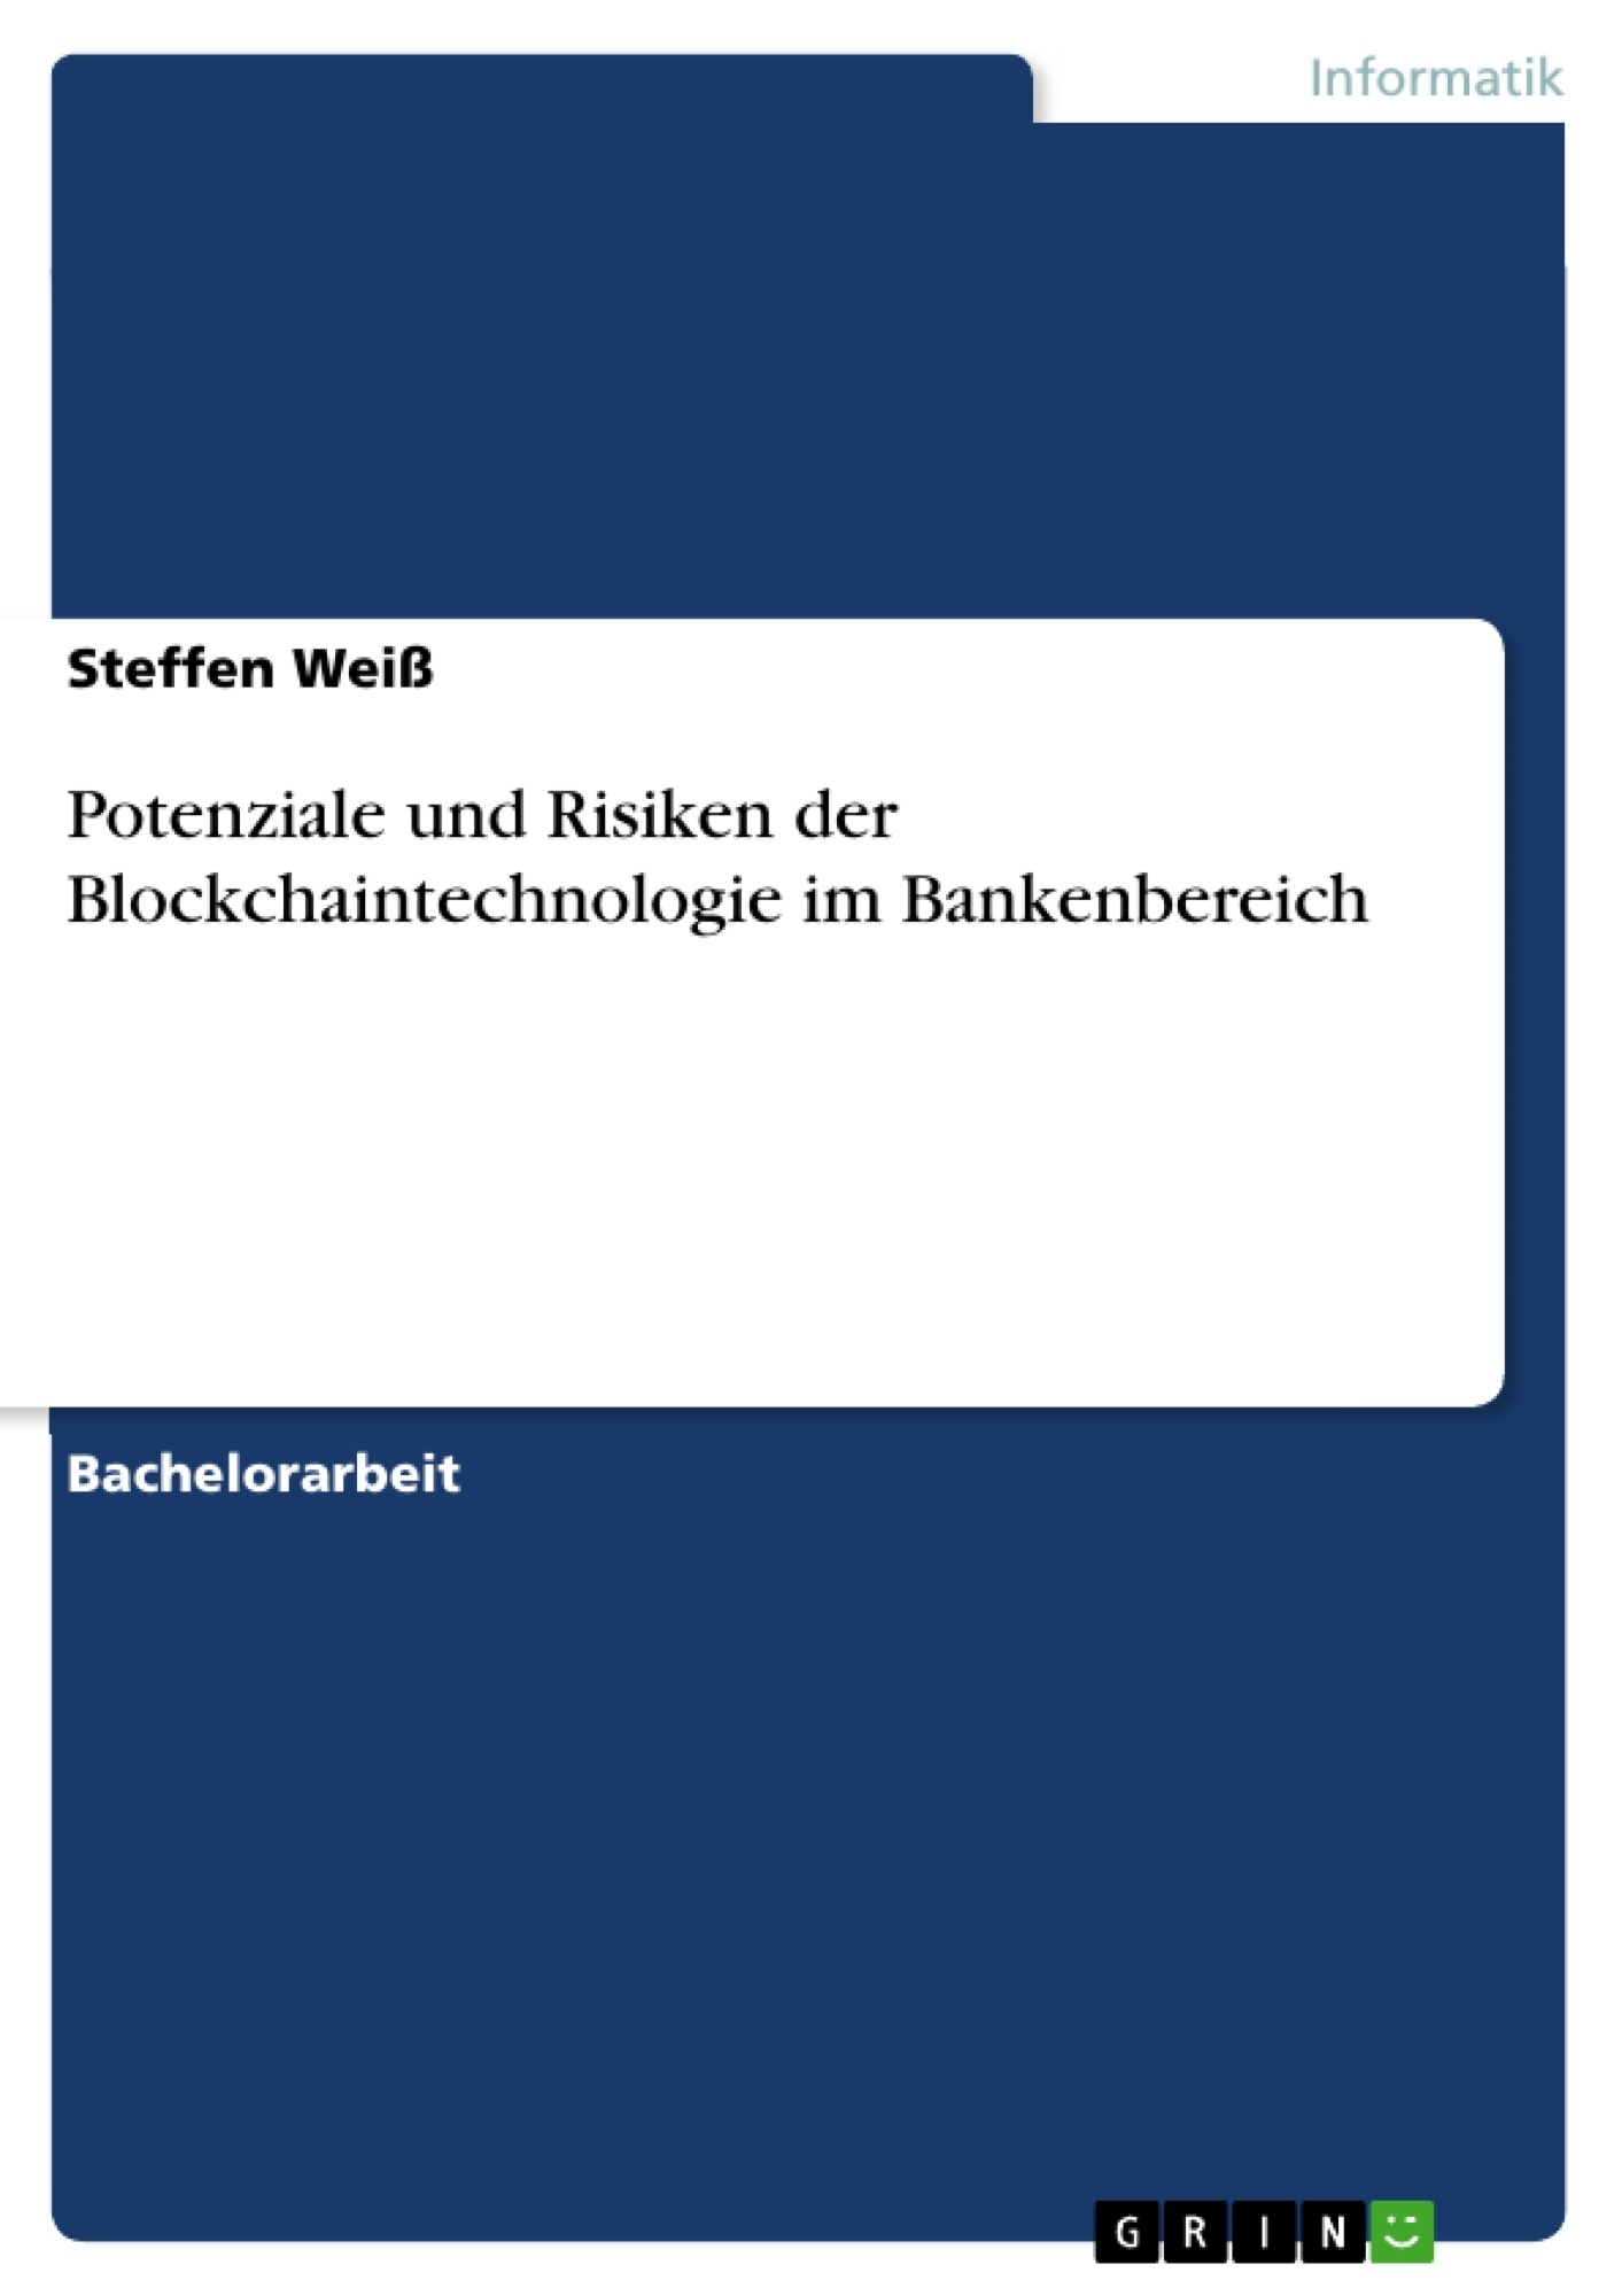 Titel: Potenziale und Risiken der Blockchaintechnologie im Bankenbereich